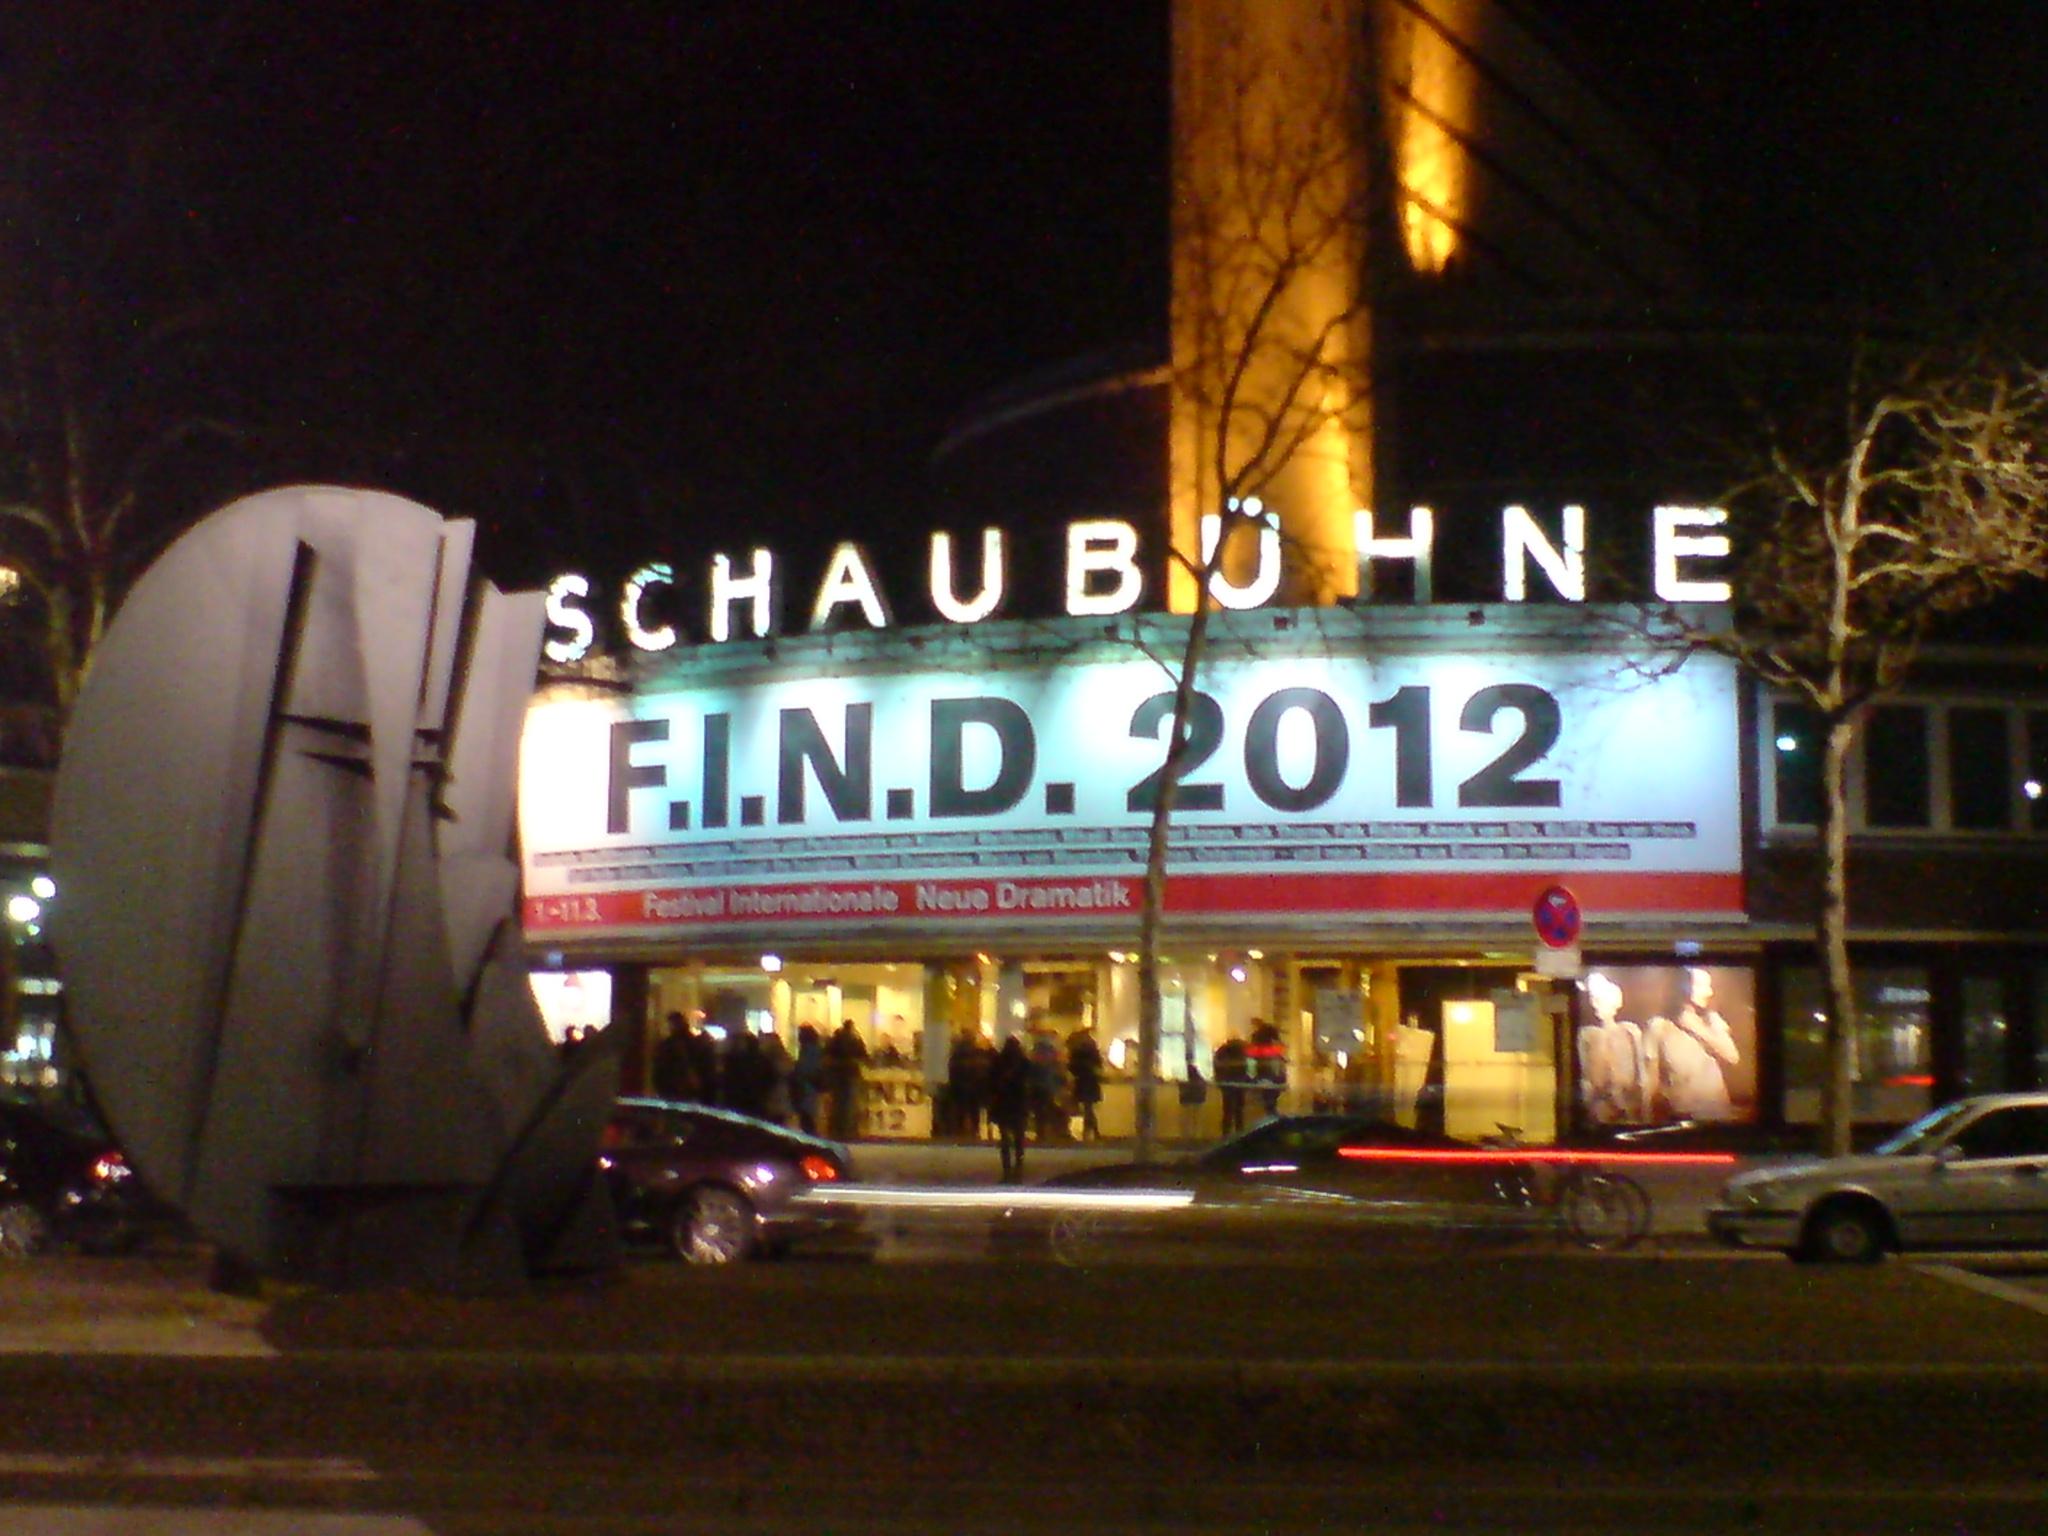 find-2012_schaubuhne-1.JPG